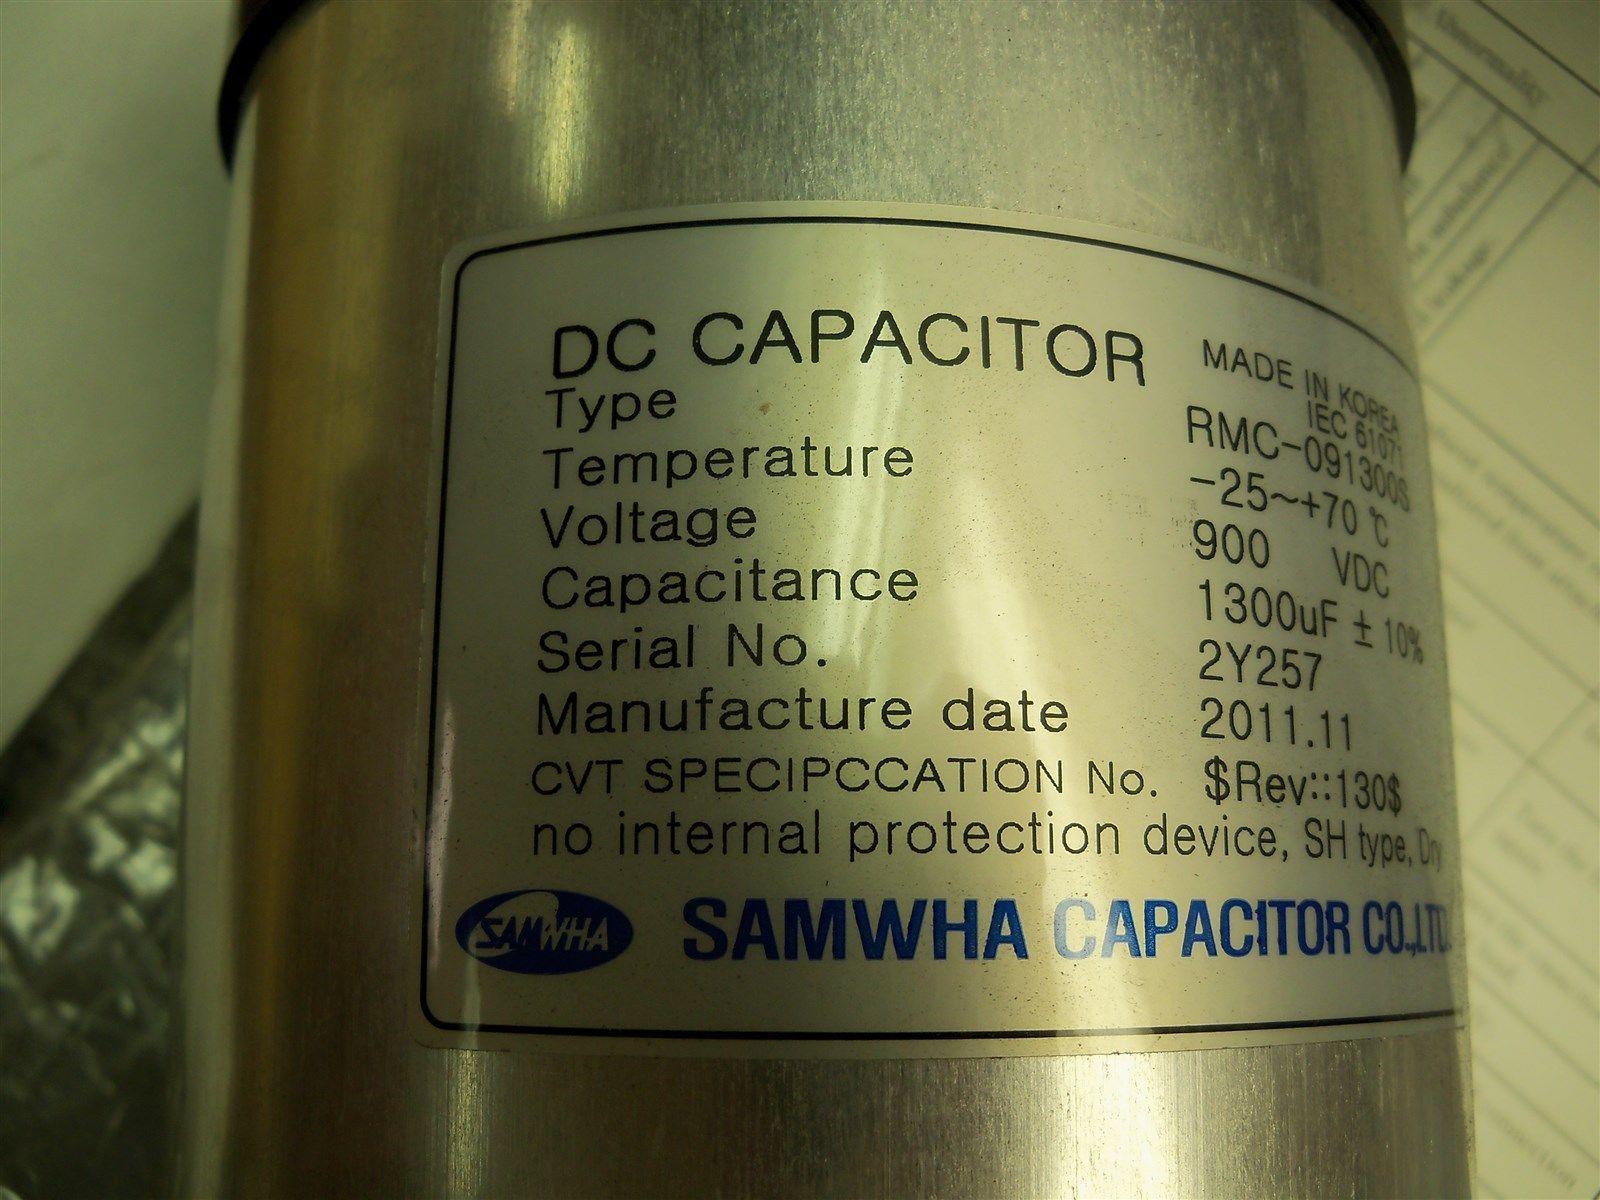 Samwha Capacitor RMC-091300s DC Capacitor 900 VDC 1300uF